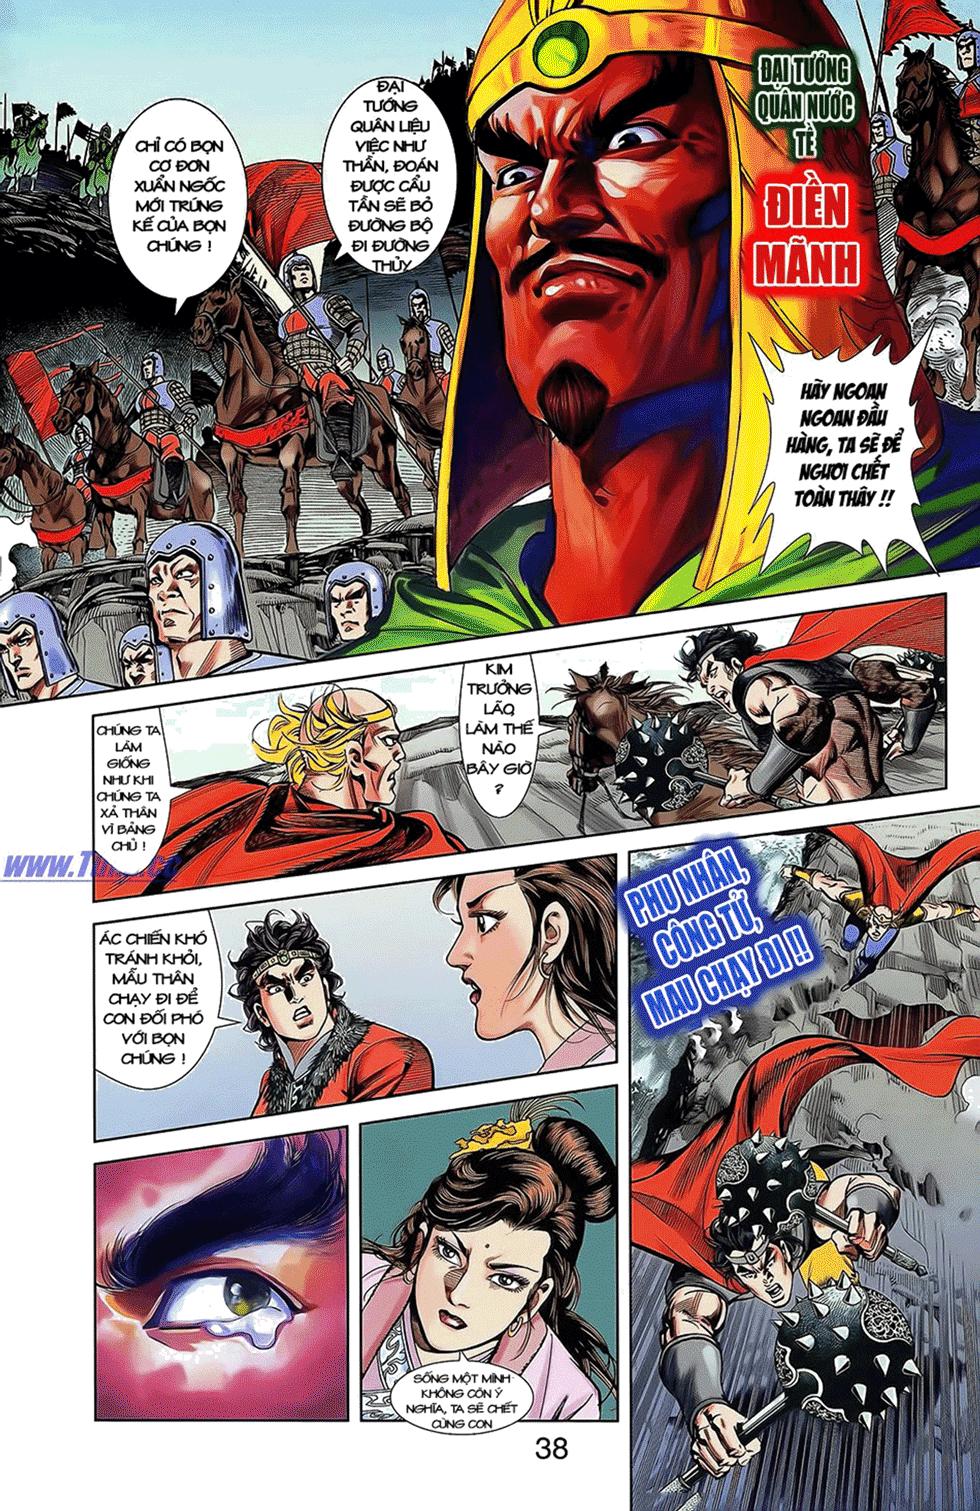 Tần Vương Doanh Chính chapter 12 trang 28